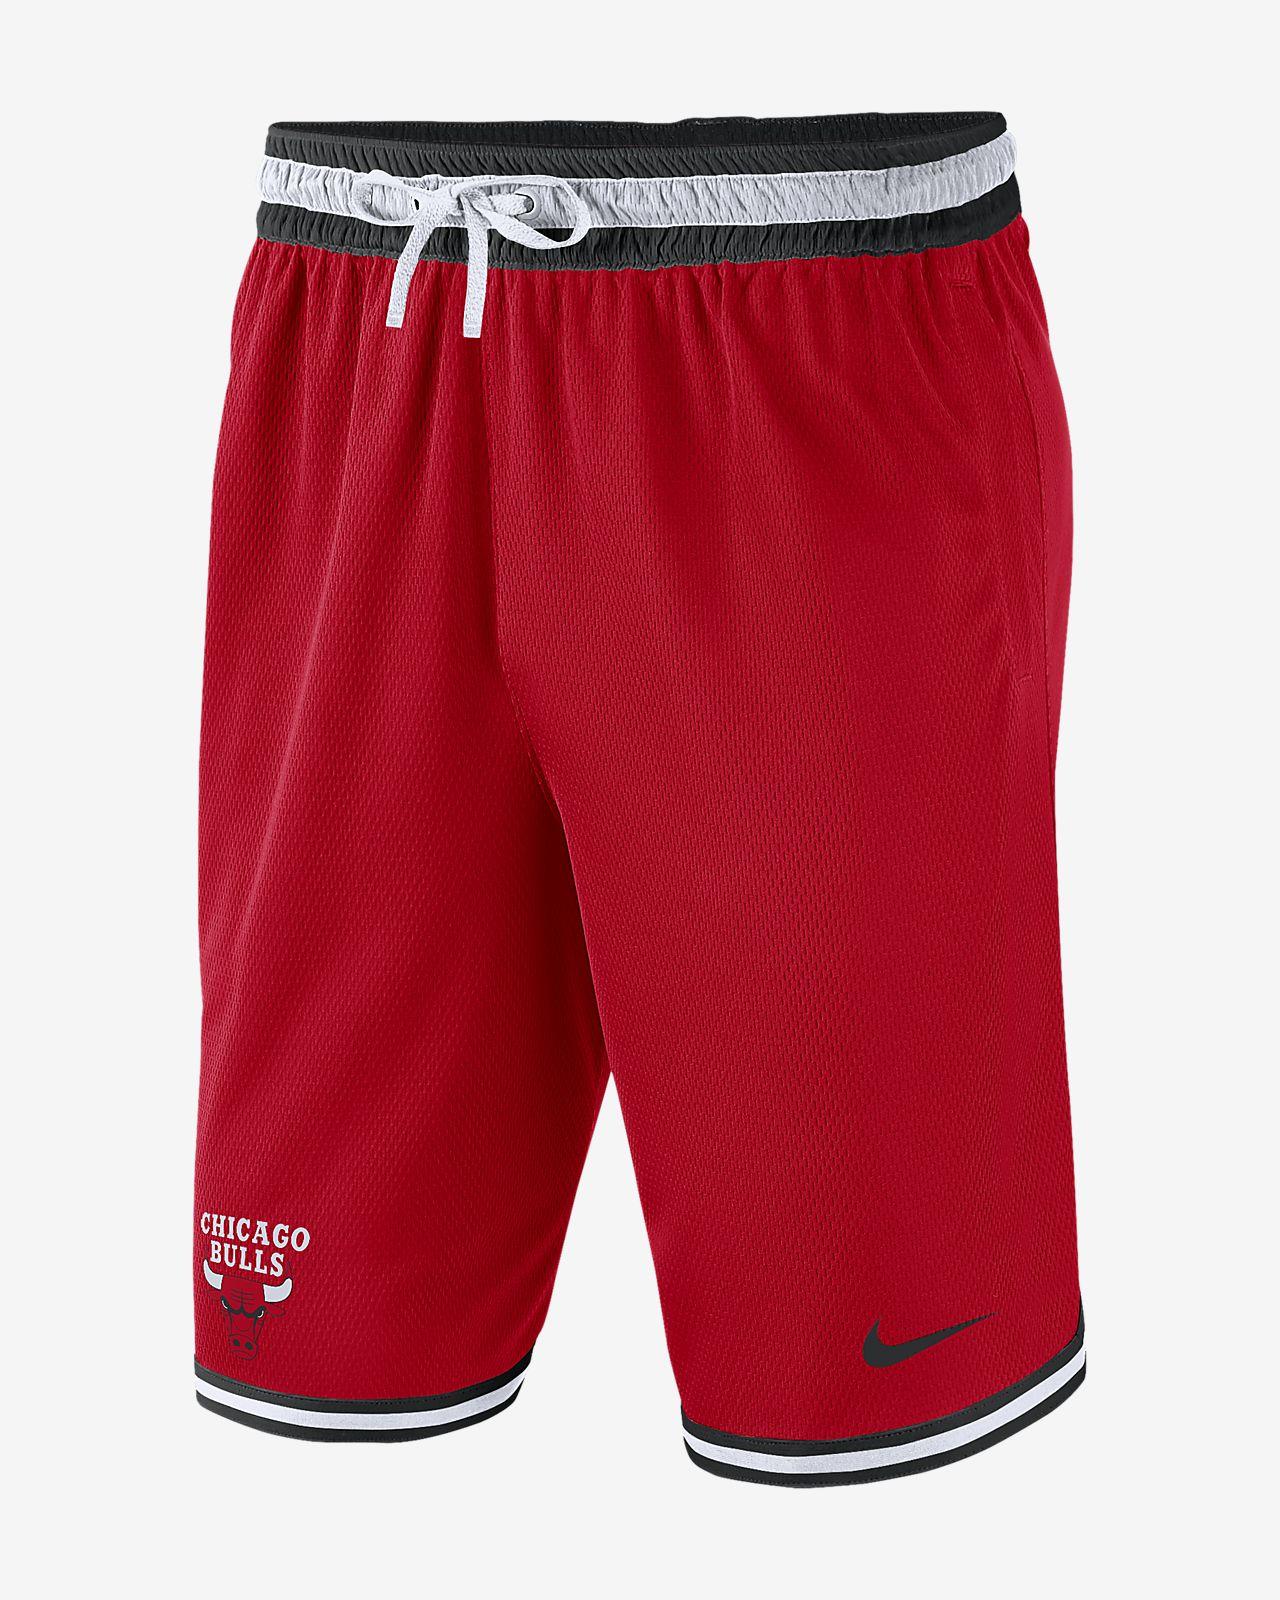 Shorts de la NBA para hombre Chicago Bulls Nike